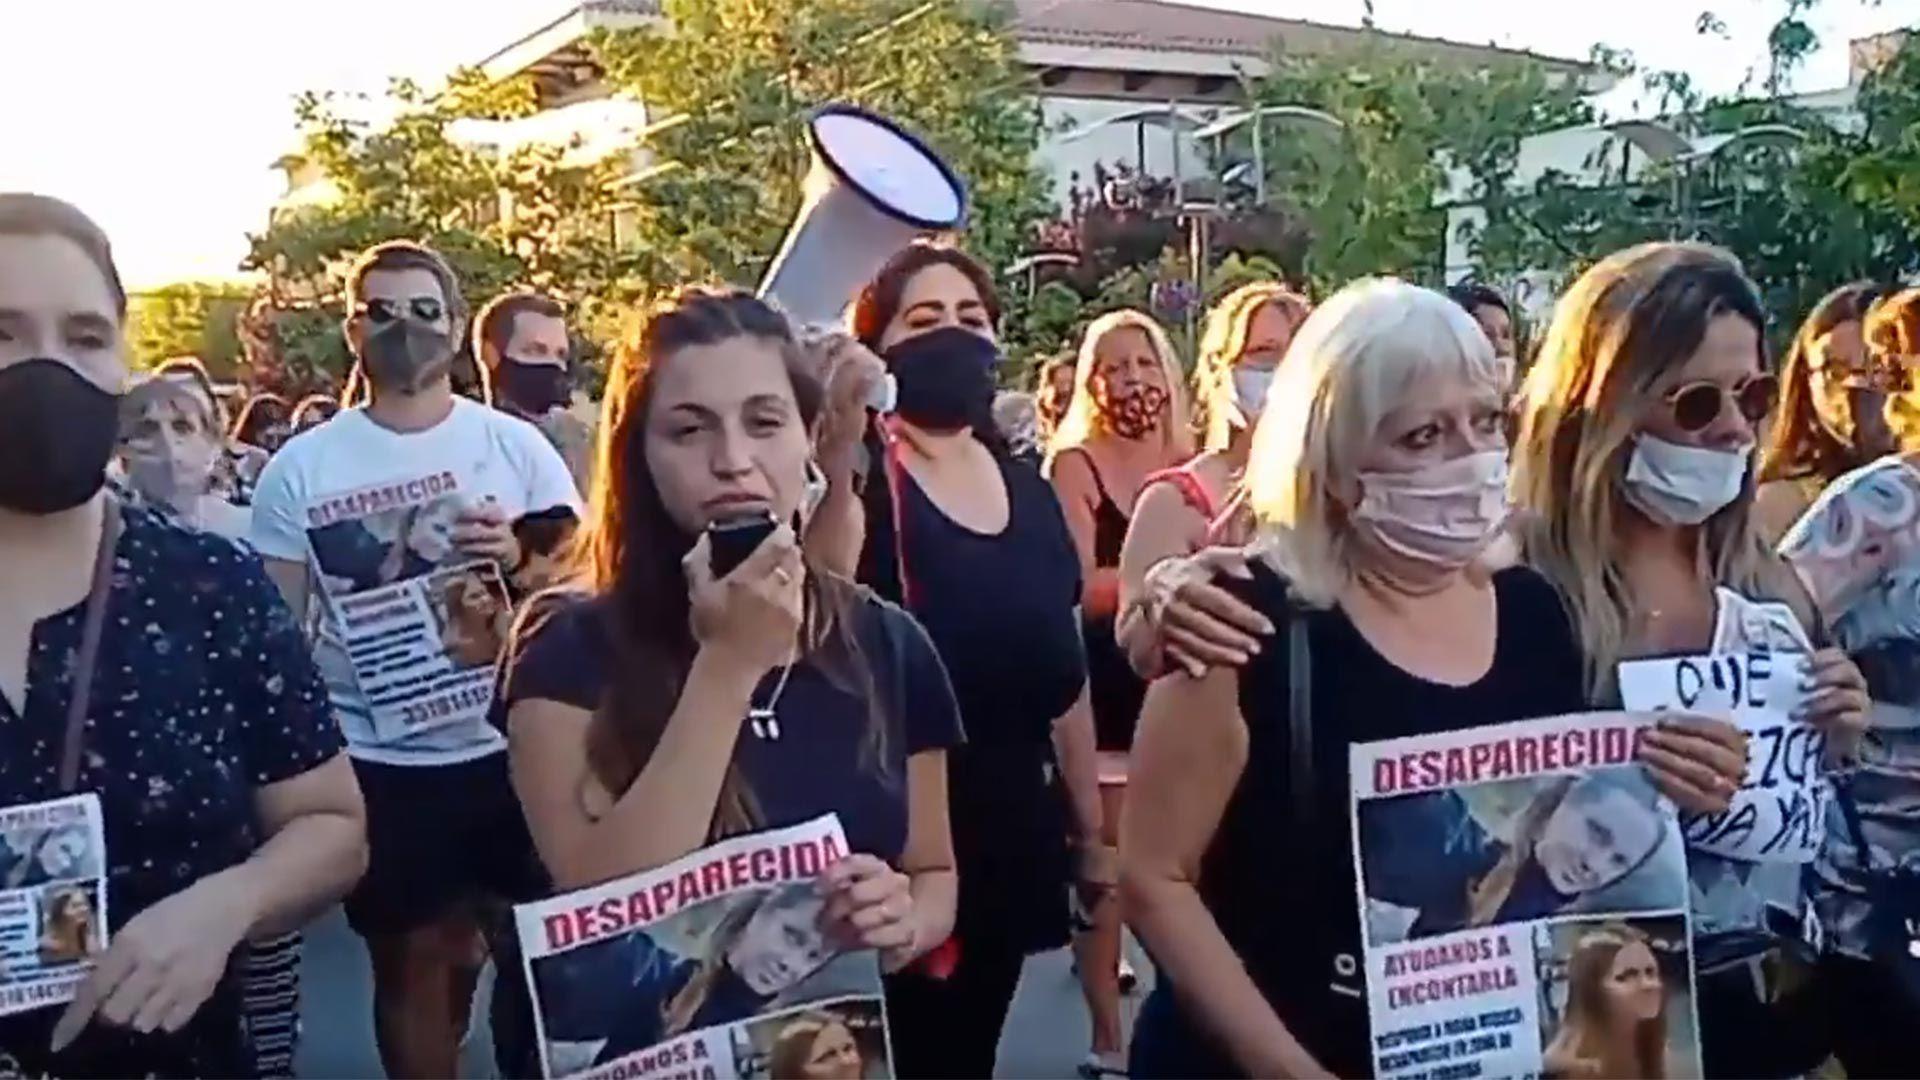 Marcha por la desaparición de Ivana Módica